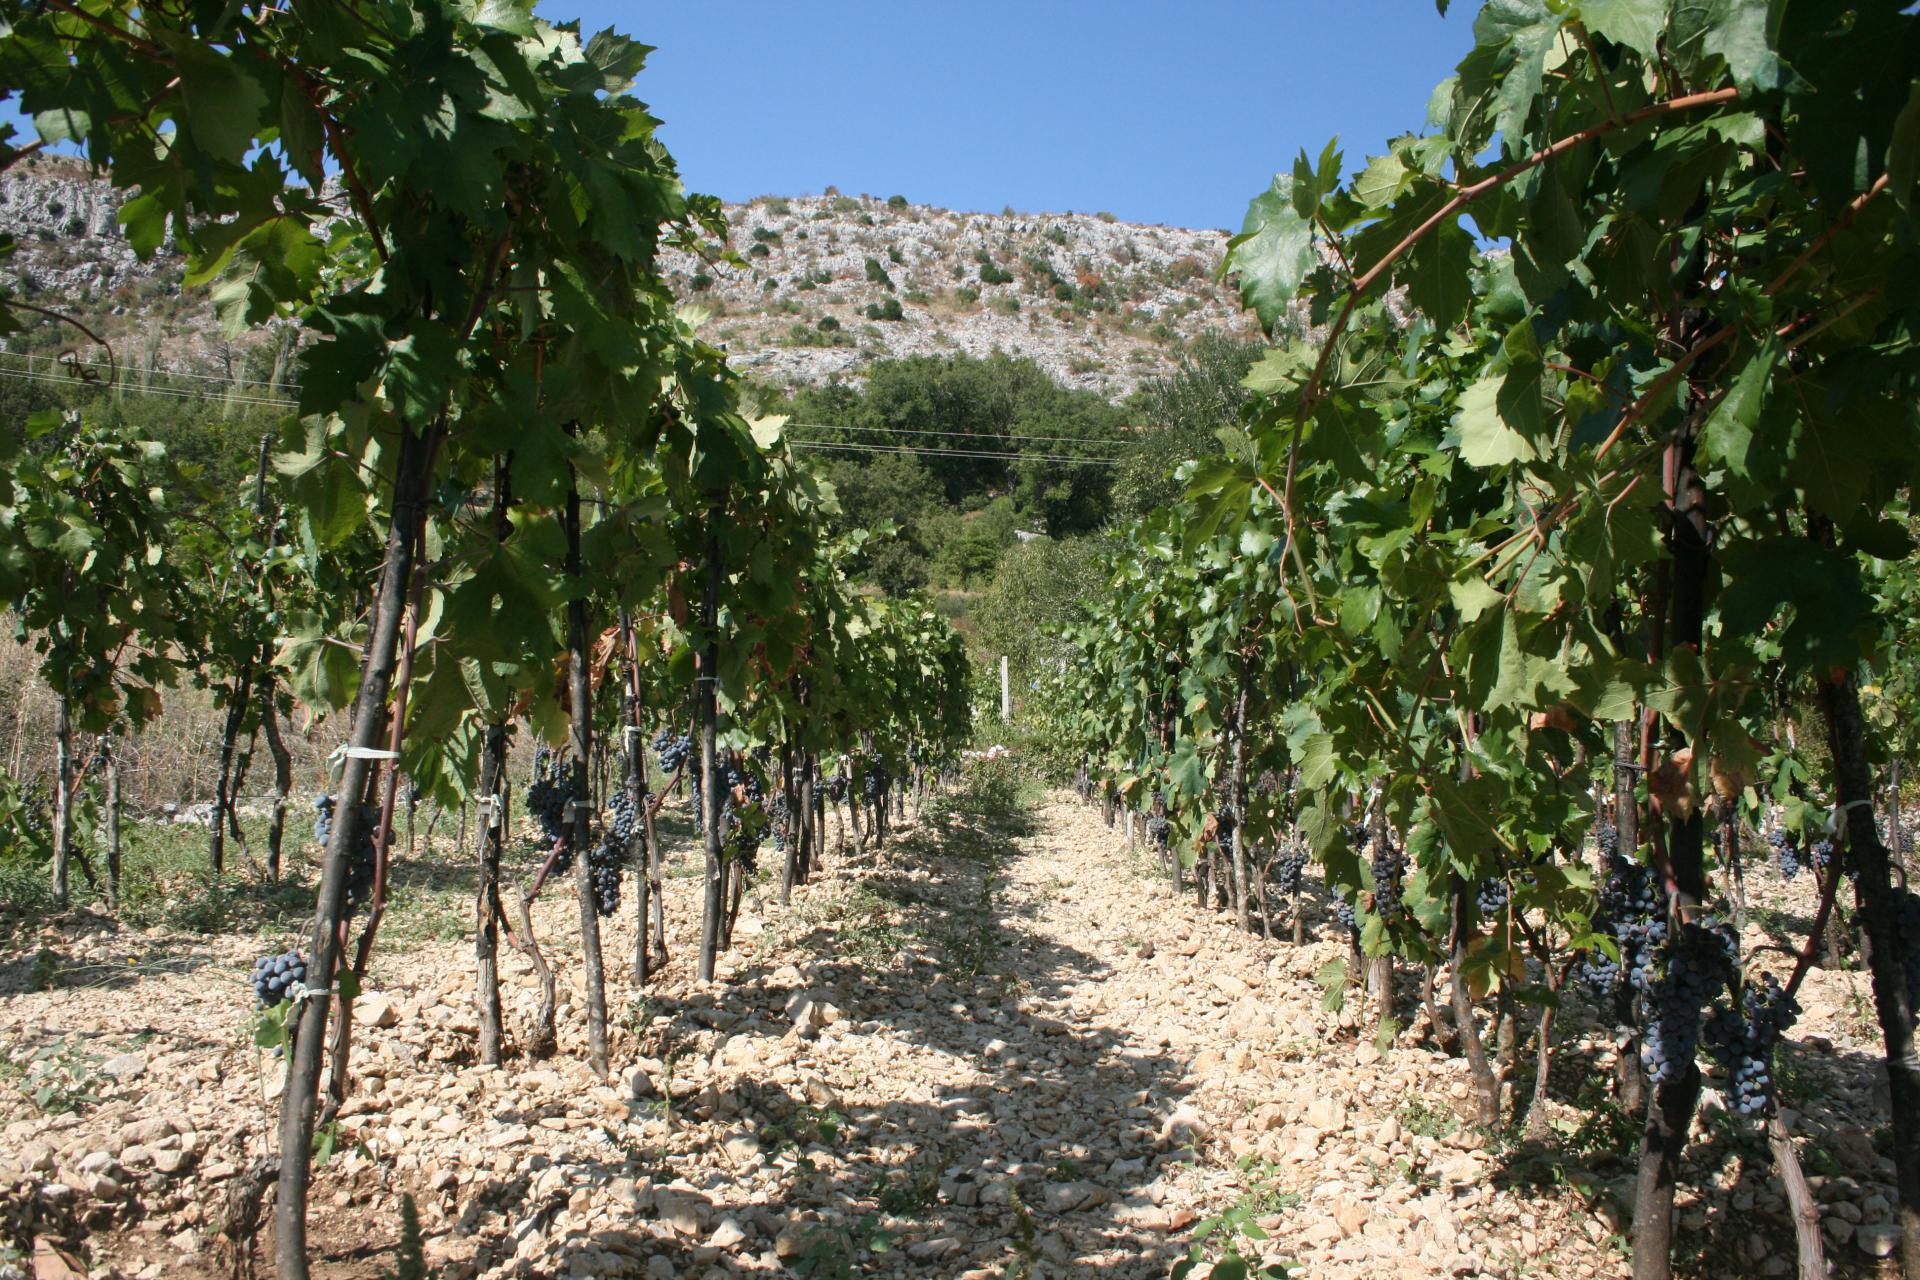 Rijetka slika vinograda u Katunima i Kreševu